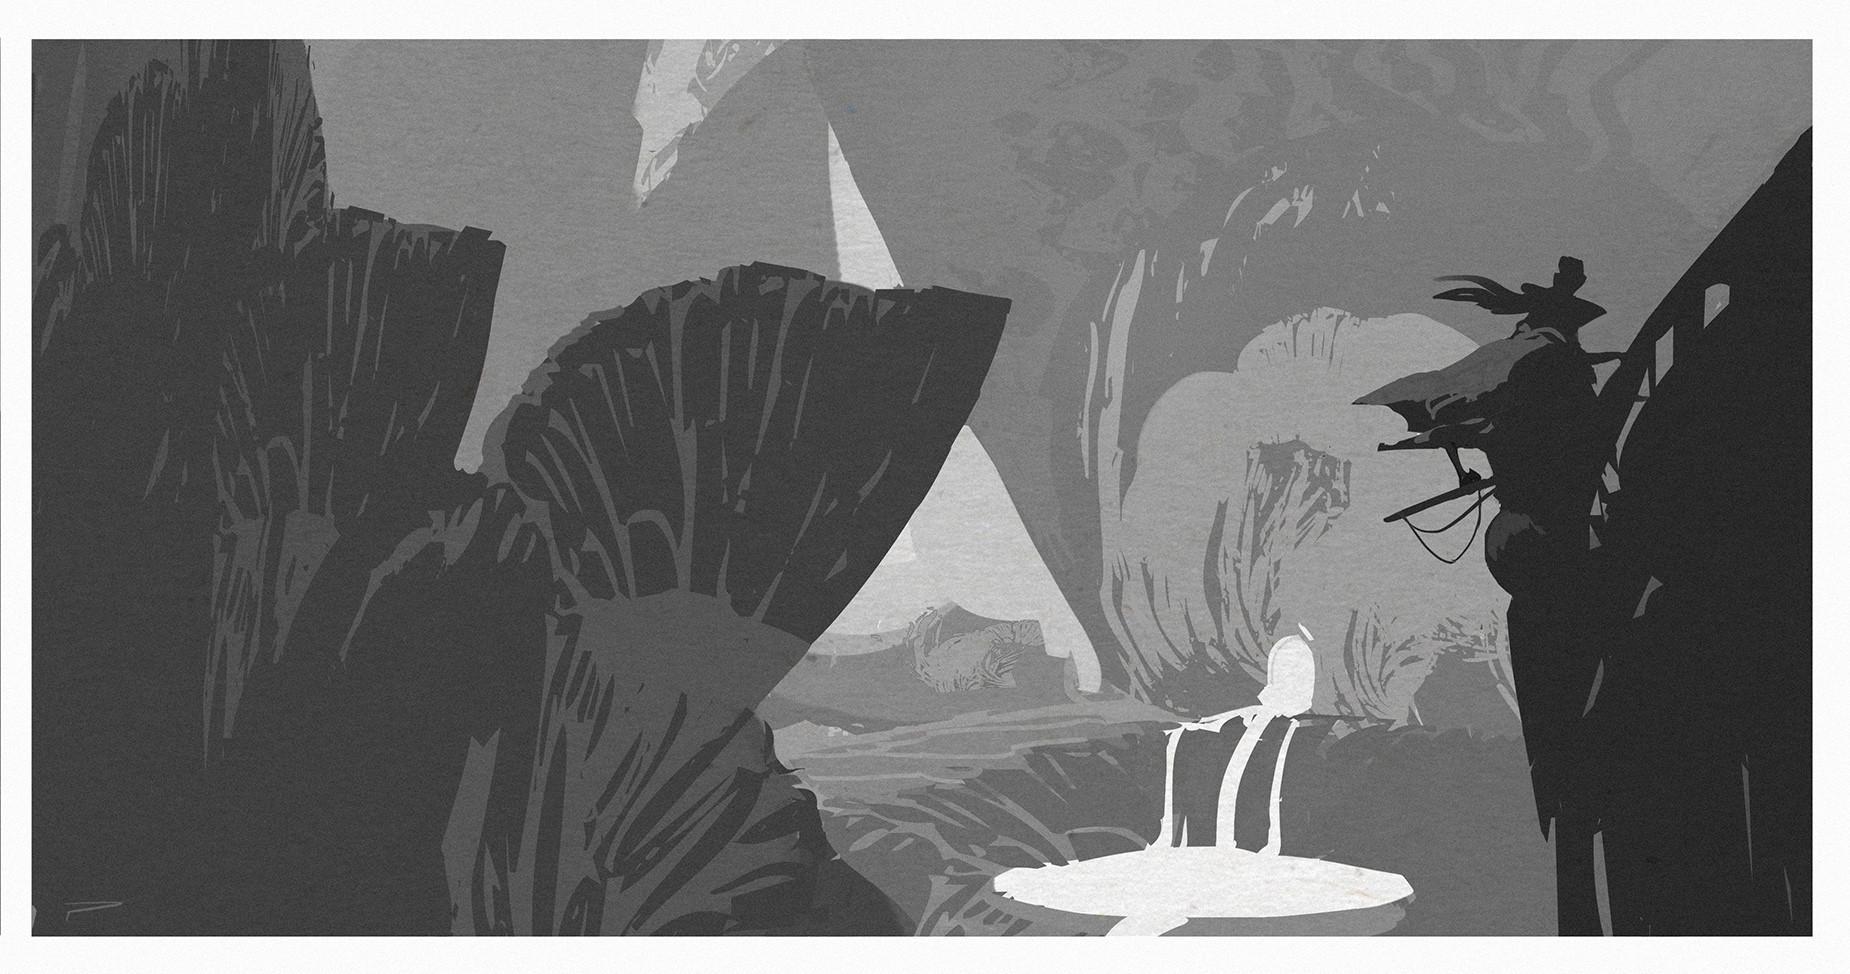 Hugo puzzuoli witch forest 02